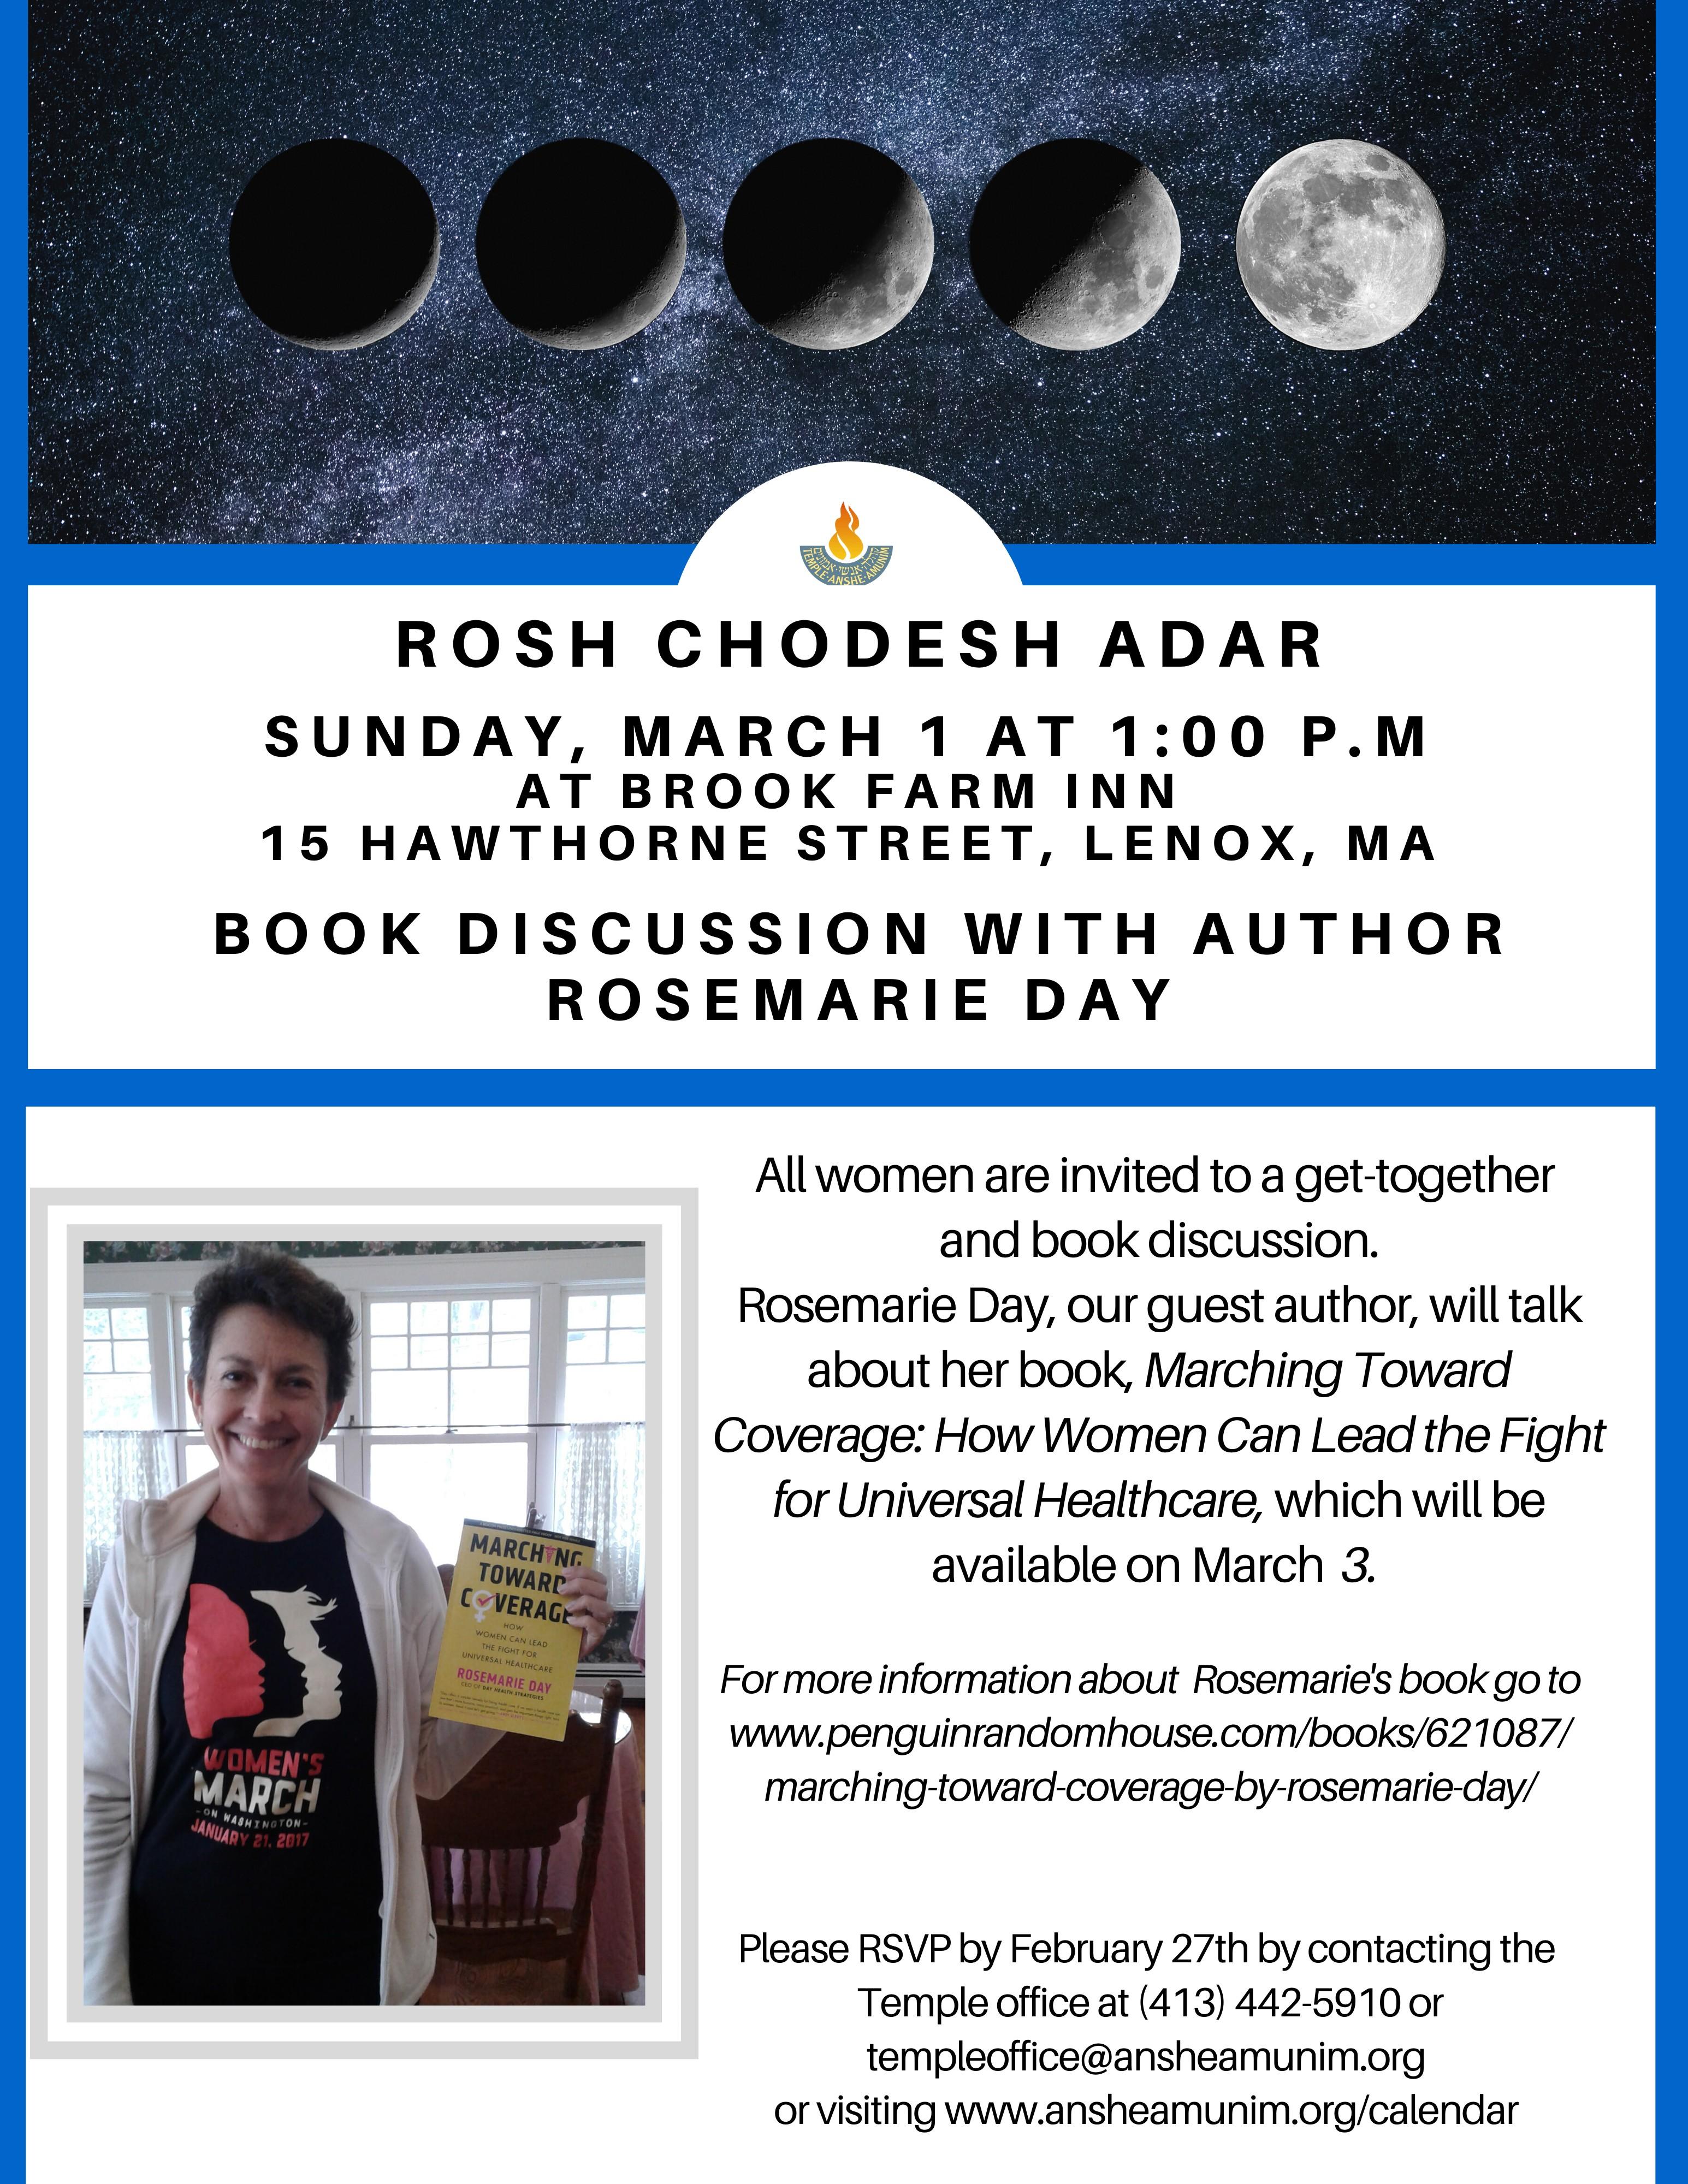 Banner Image for Rosh Chodesh Adar